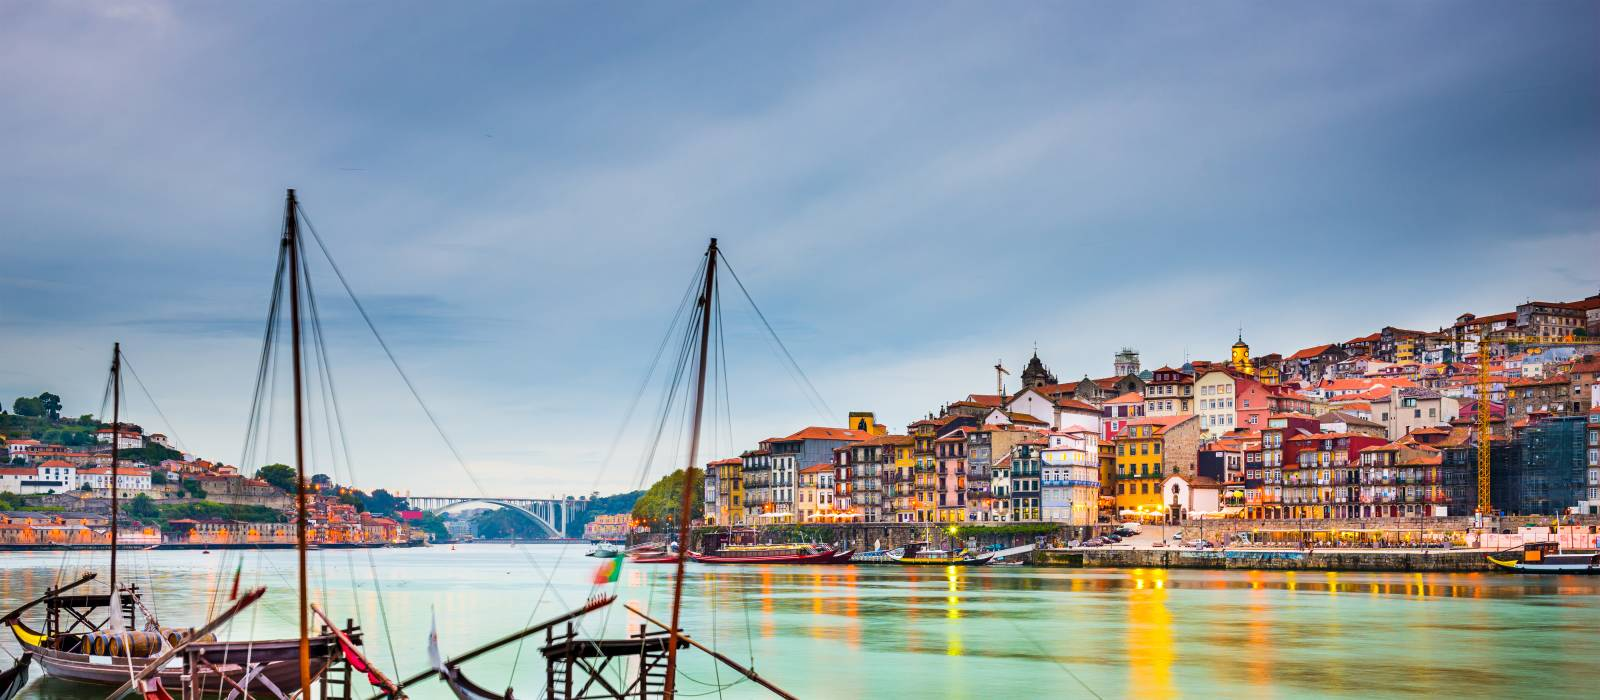 Stadtansicht von Porto am Douro-Fluss mit traditionellen Rabelo-Booten, Portugal Urlaub